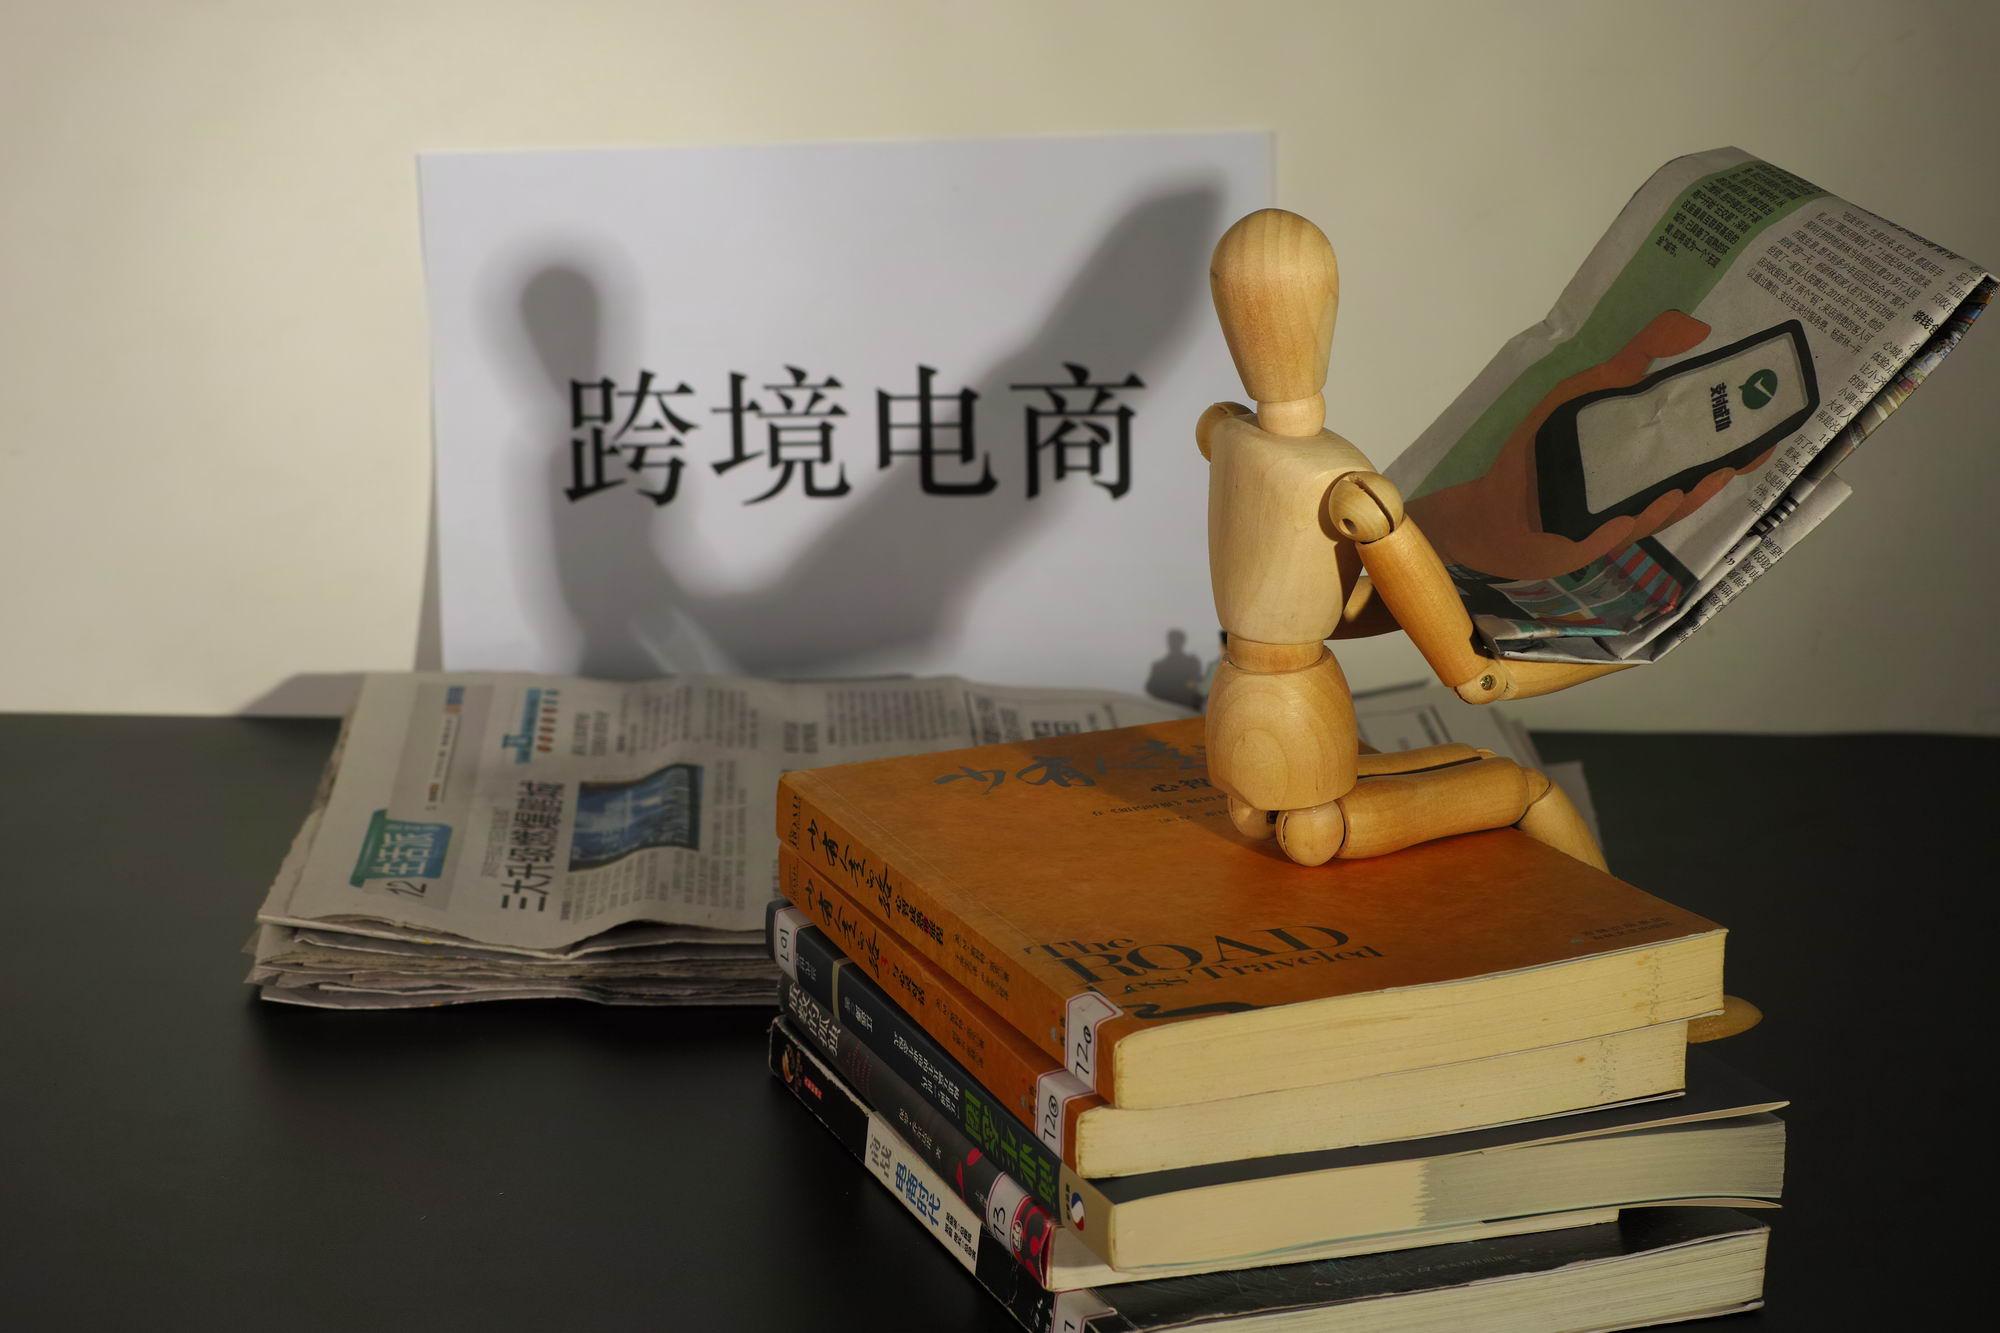 国内首个工业品跨境电商项目落户上海自贸区